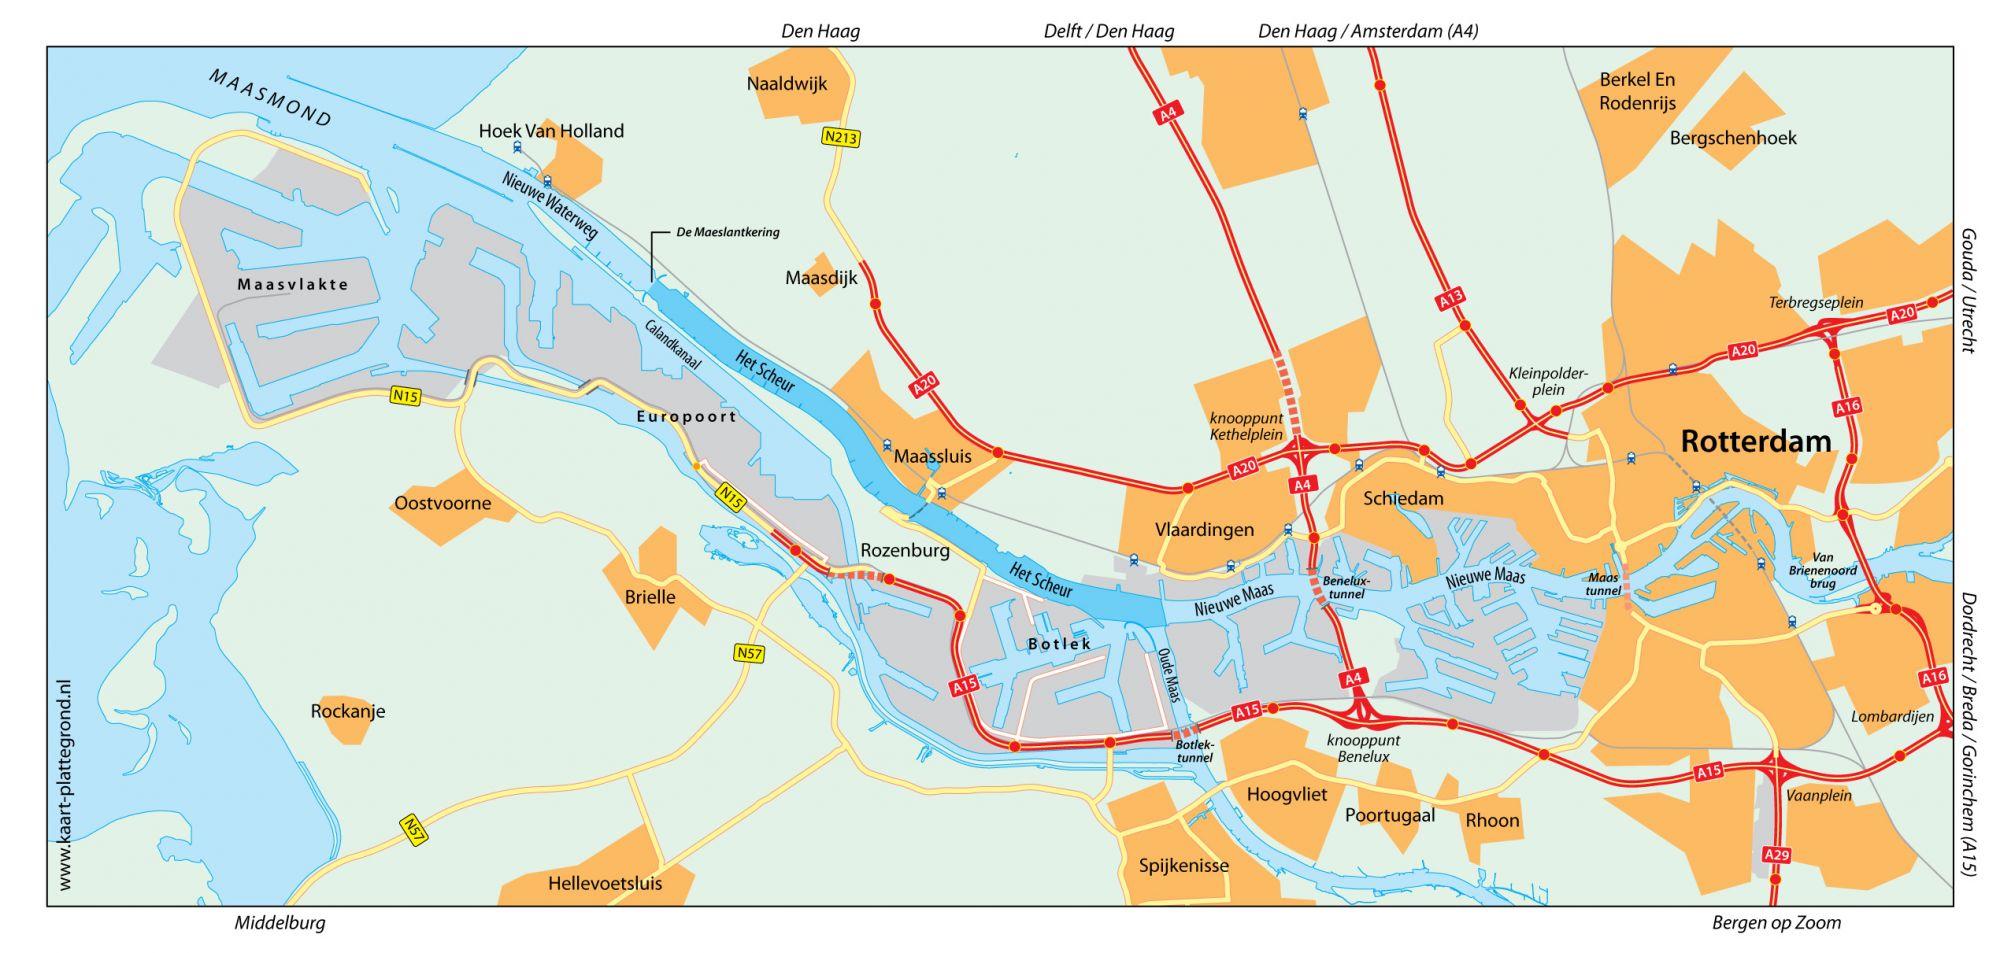 Nee.. Schiedam ligt niet aan de Nieuwe Waterweg